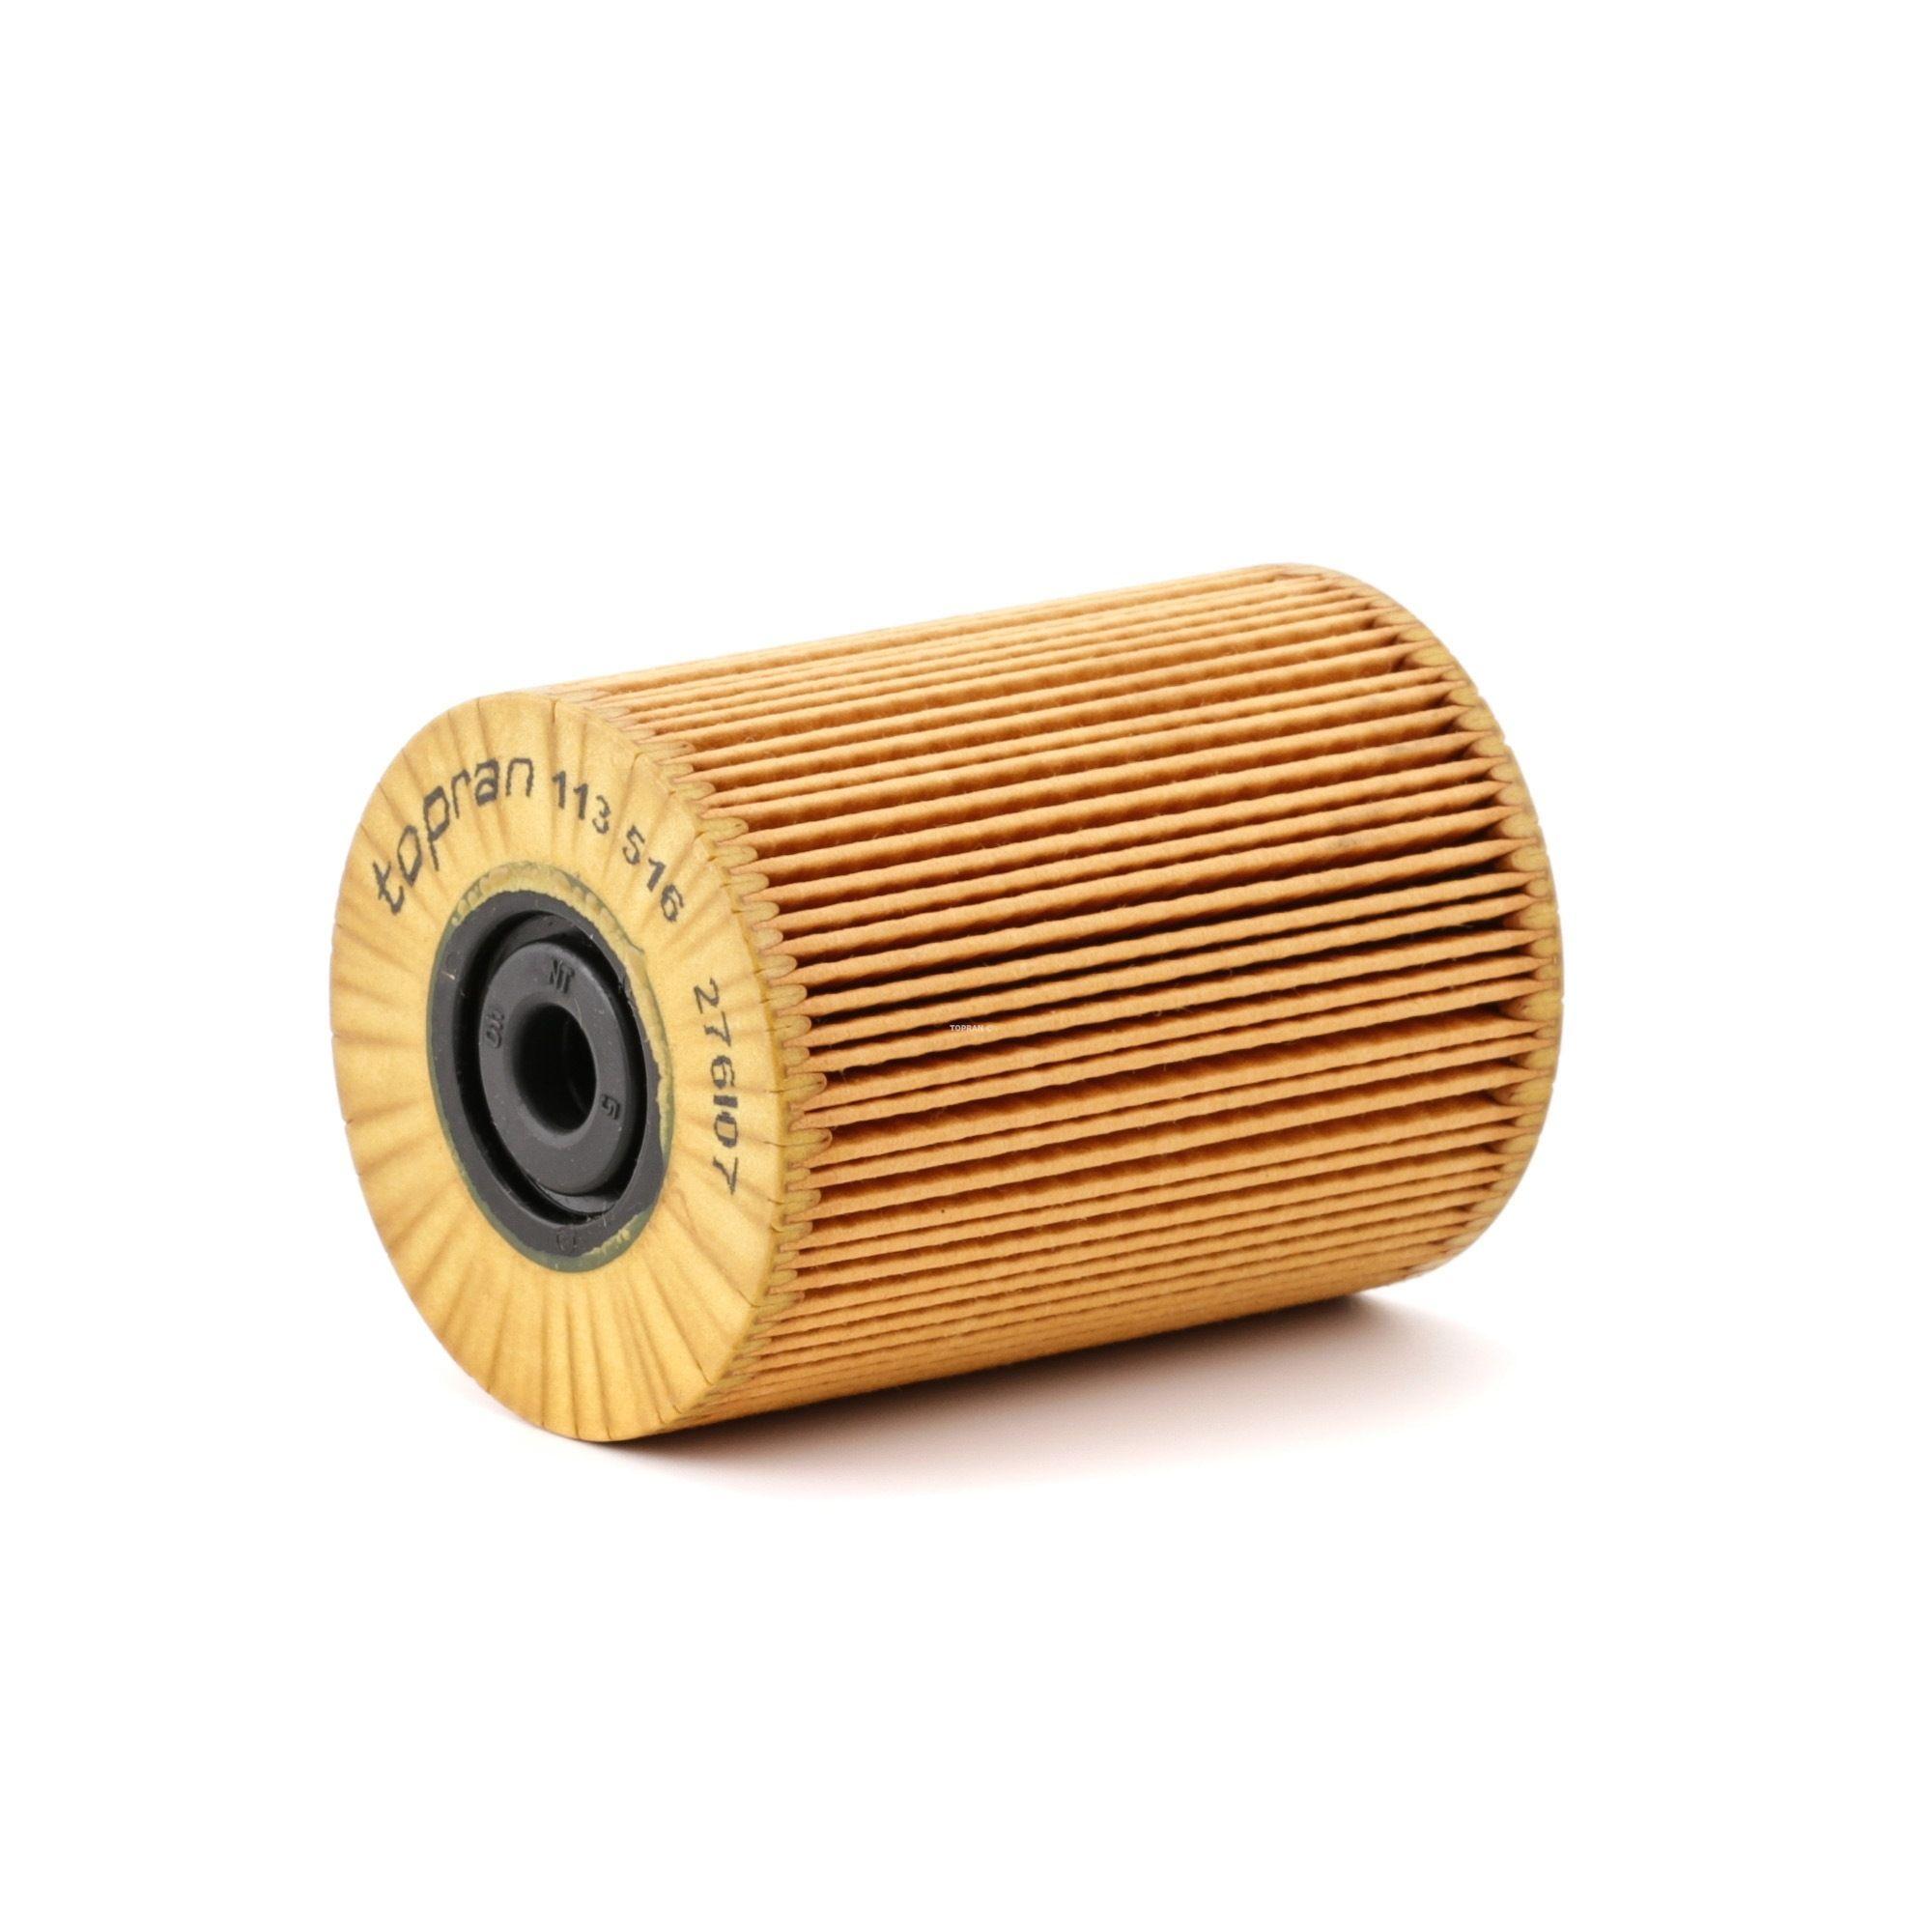 VDOPU727 TOPRAN Filterinsats H: 87mm Bränslefilter 113 516 köp lågt pris